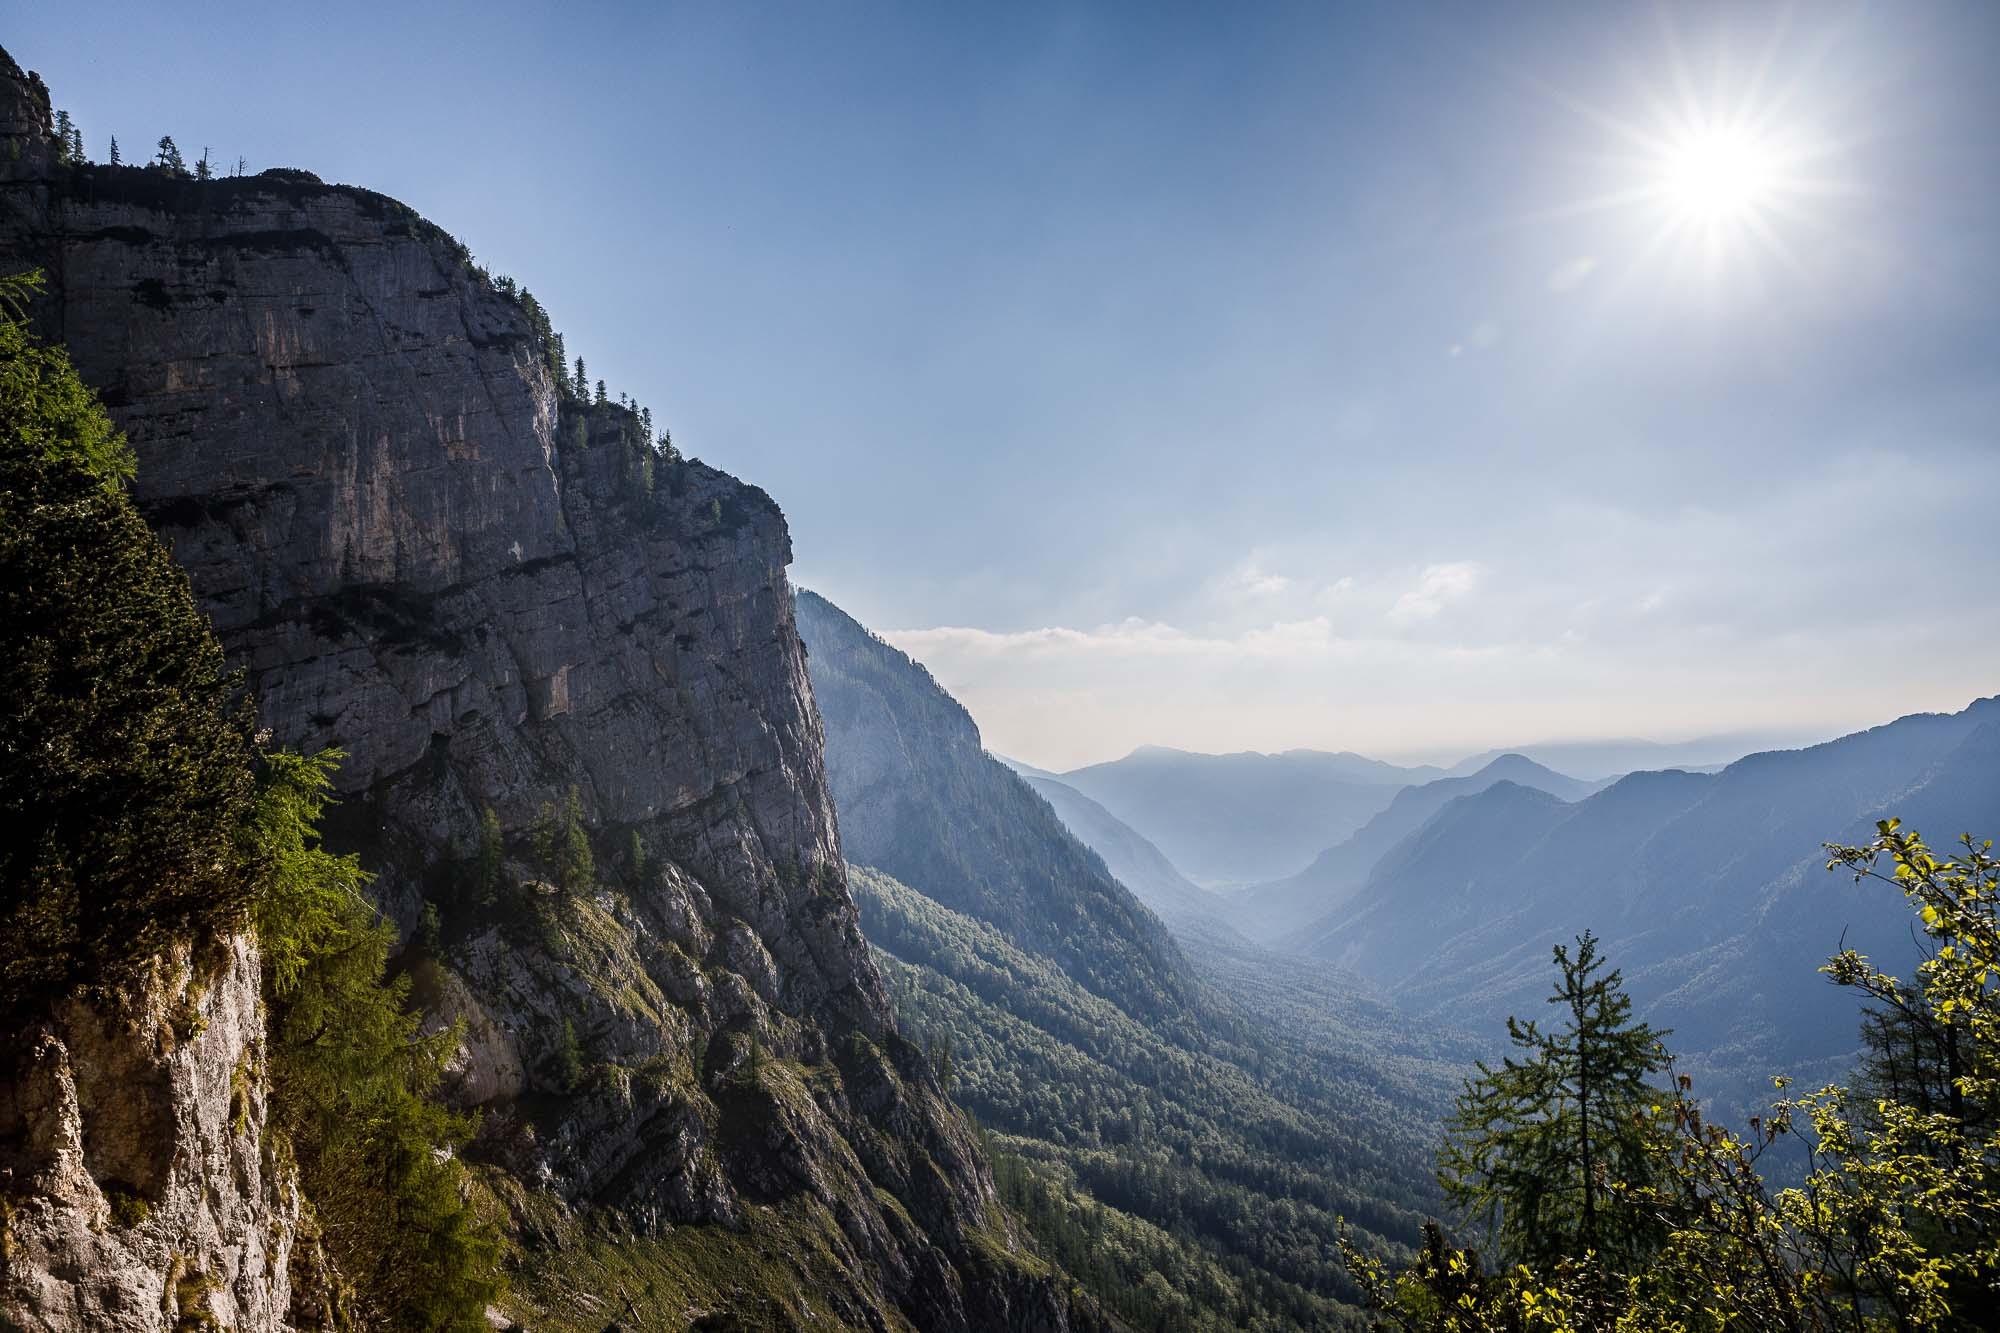 Dolkova Spica 2591M - Triglav National Park - www.jusmedic.com